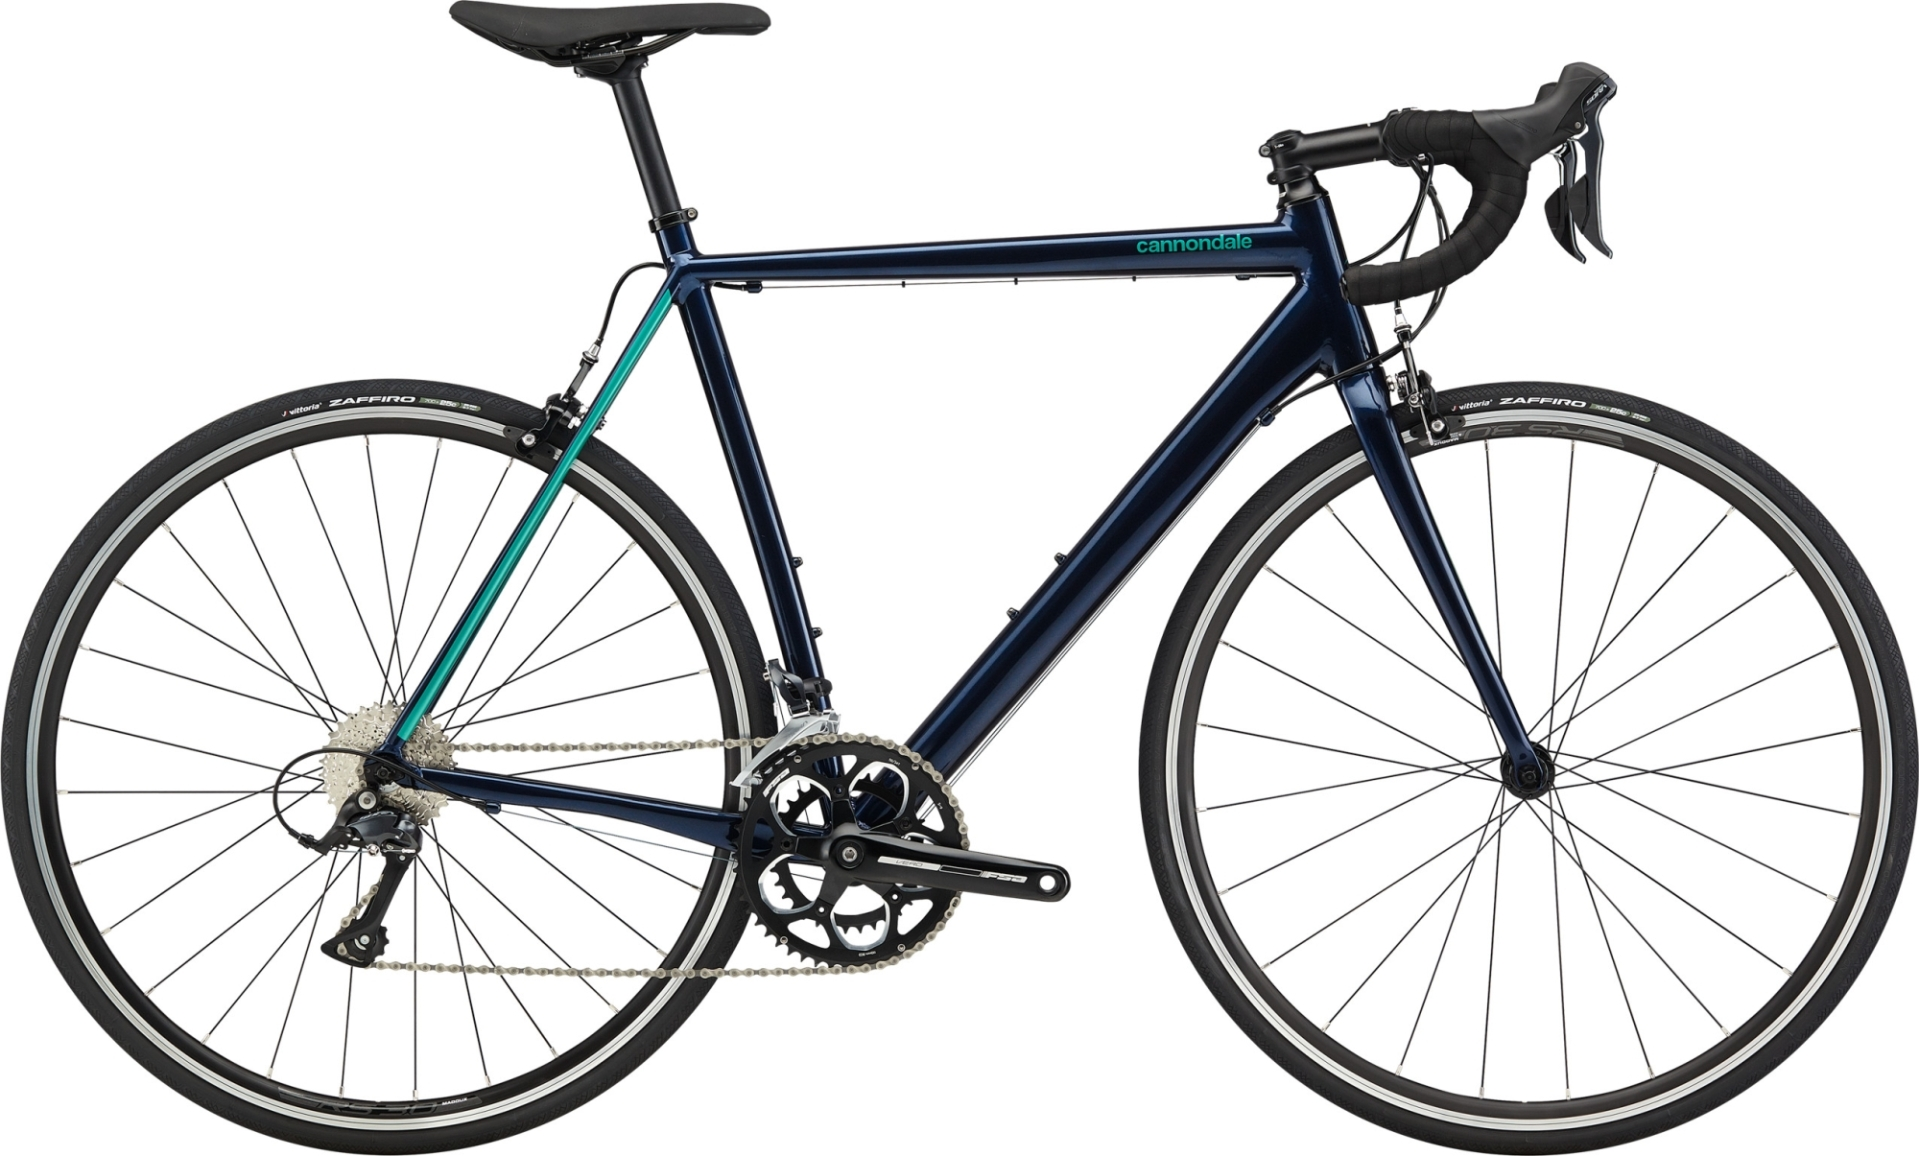 Cannondale CAAD Optimo Sora országúti kerékpár - sötétkék - 54 cm (2020)